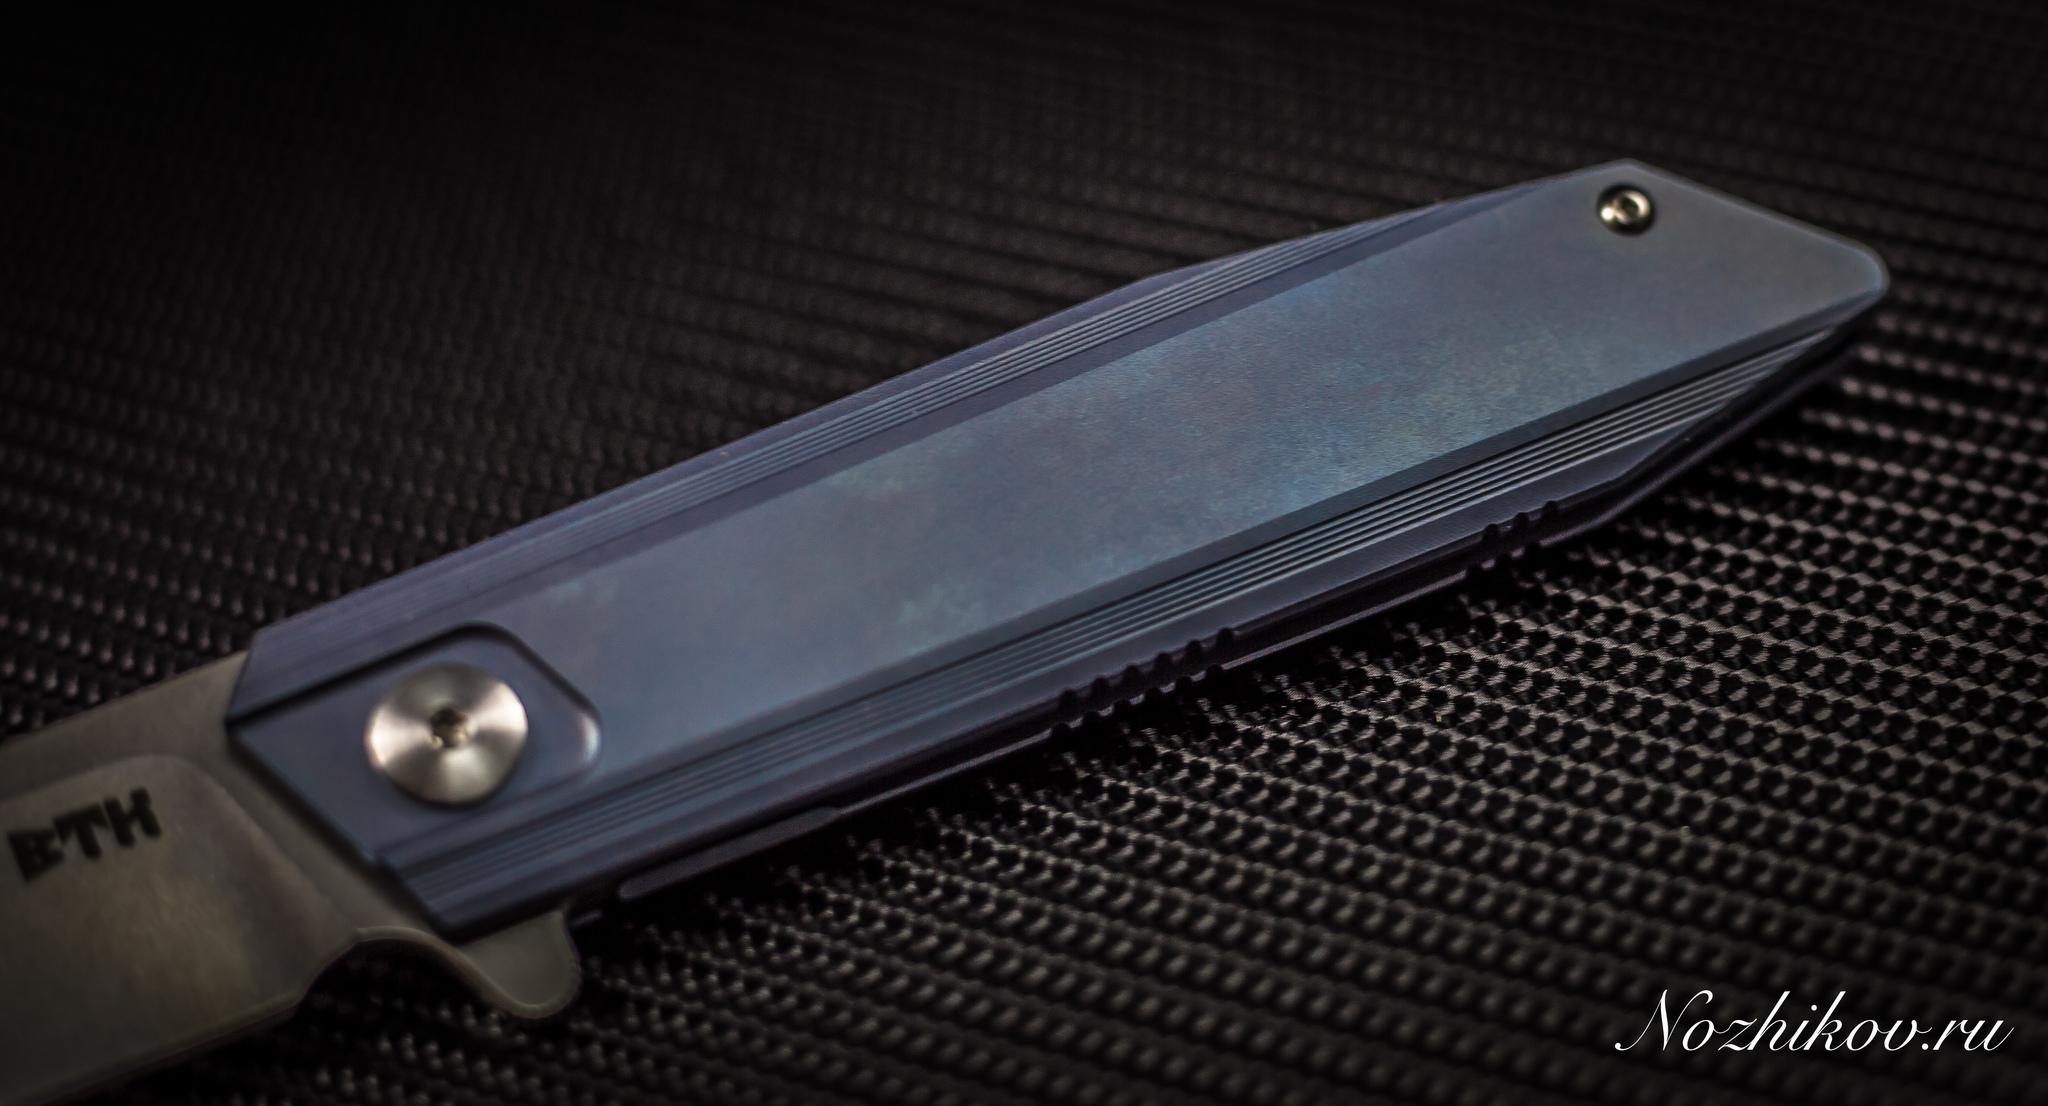 Складной нож Bestech Knives BT1701B, сталь CPM-S35VN, рукоять титан